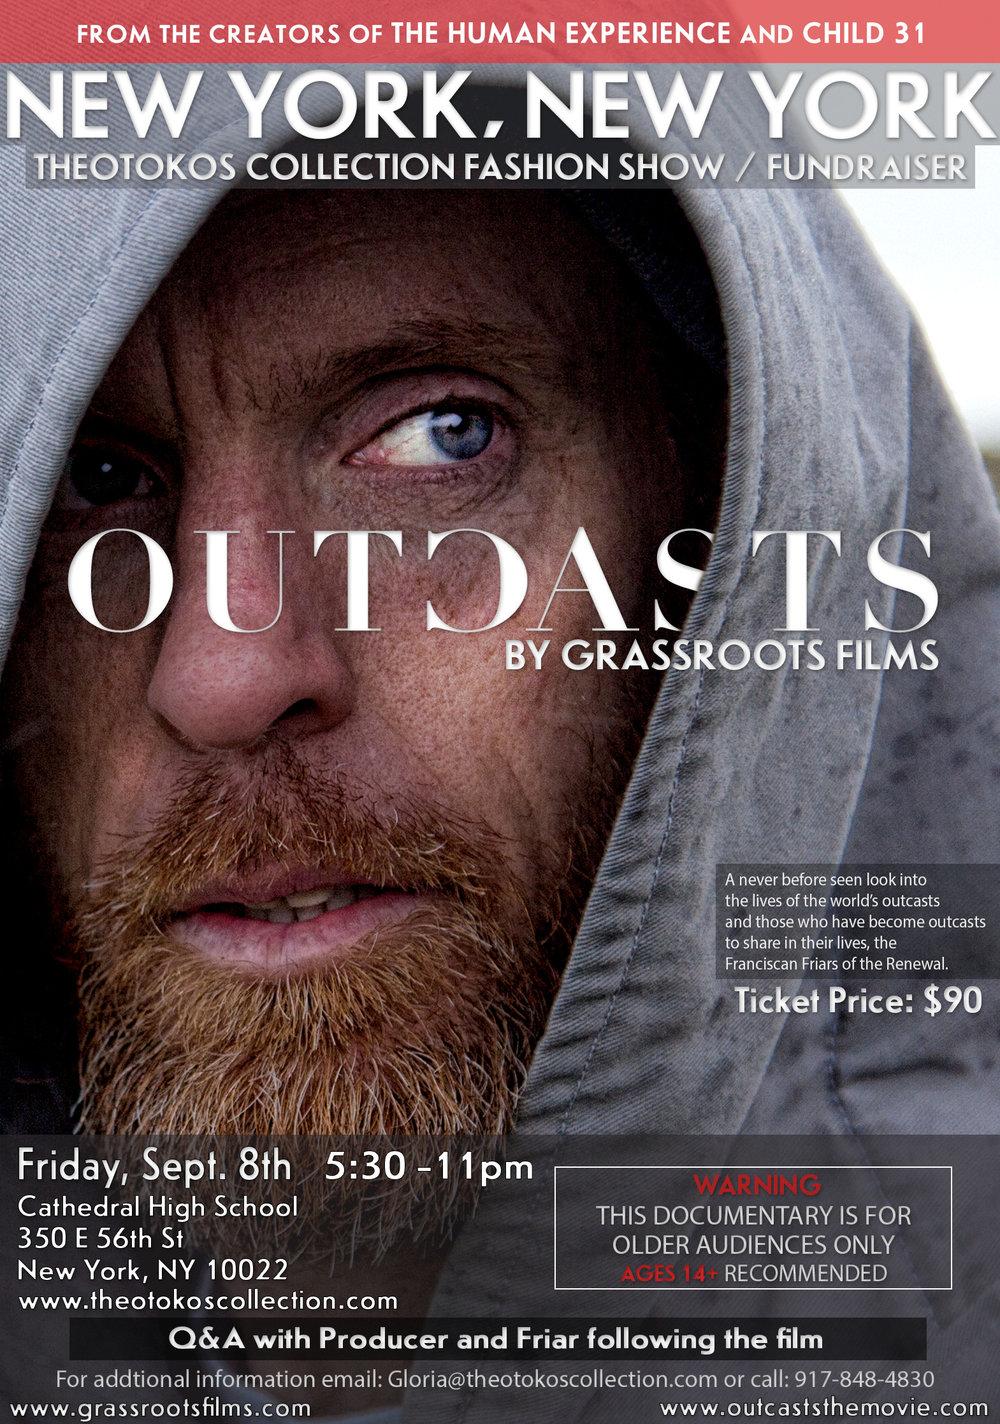 grassrootsfilms.com